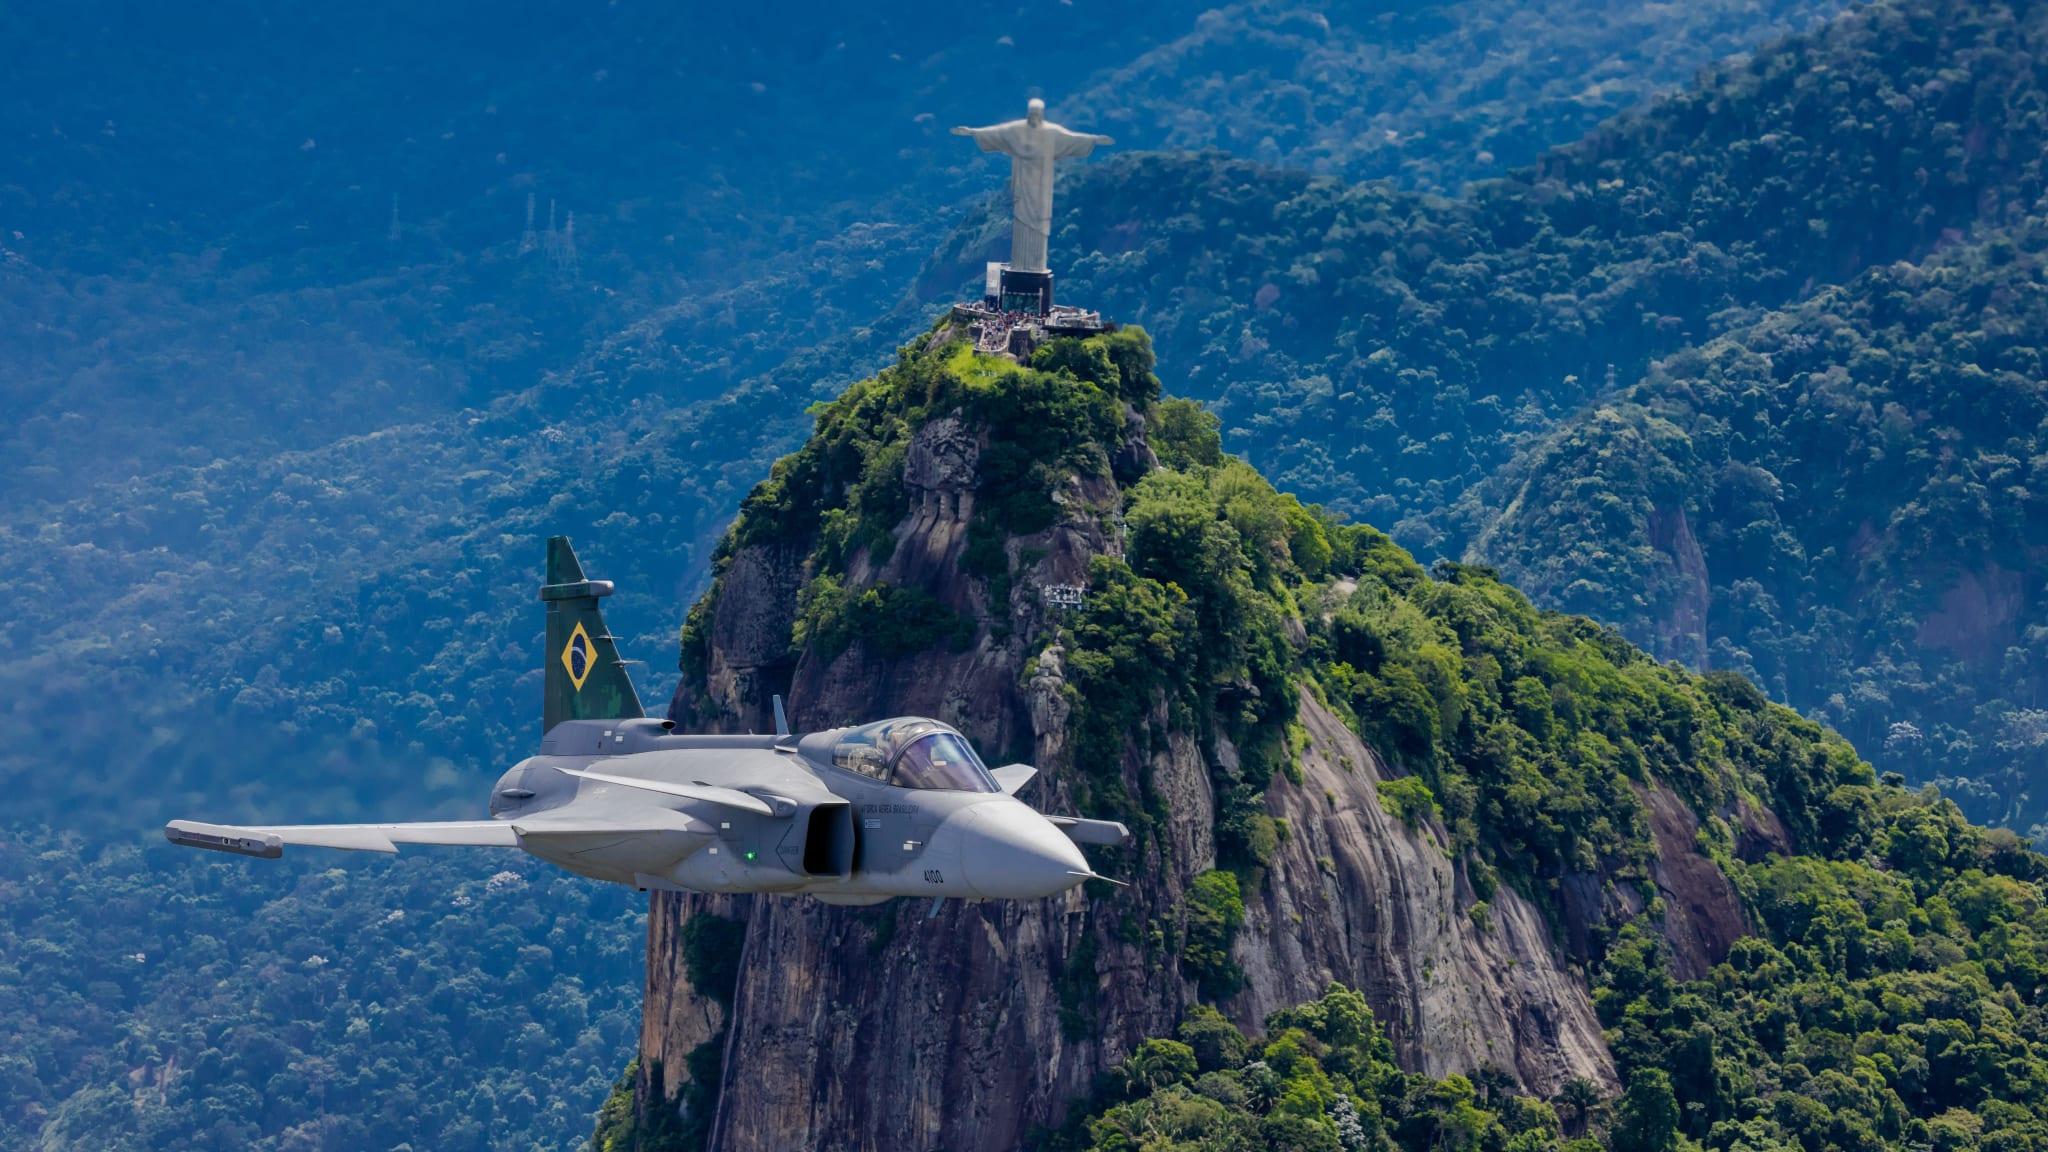 Gripen da Força Aérea Brasileira voando no Rio de Janeiro.